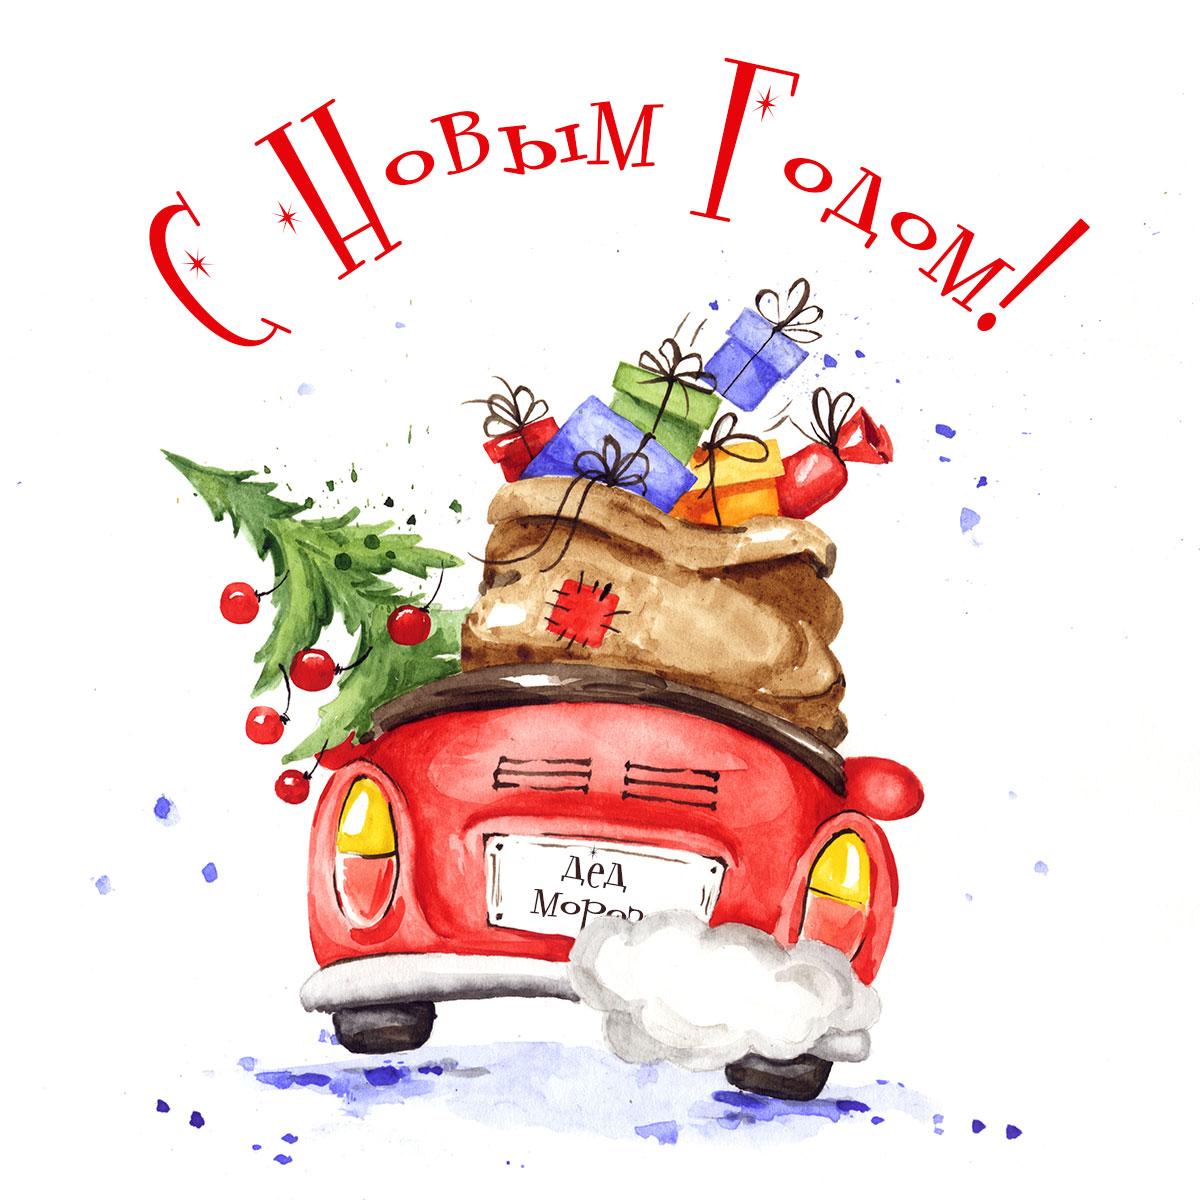 Акварель с красной машиной деда мороза, ёлкой и мешком с подарками.